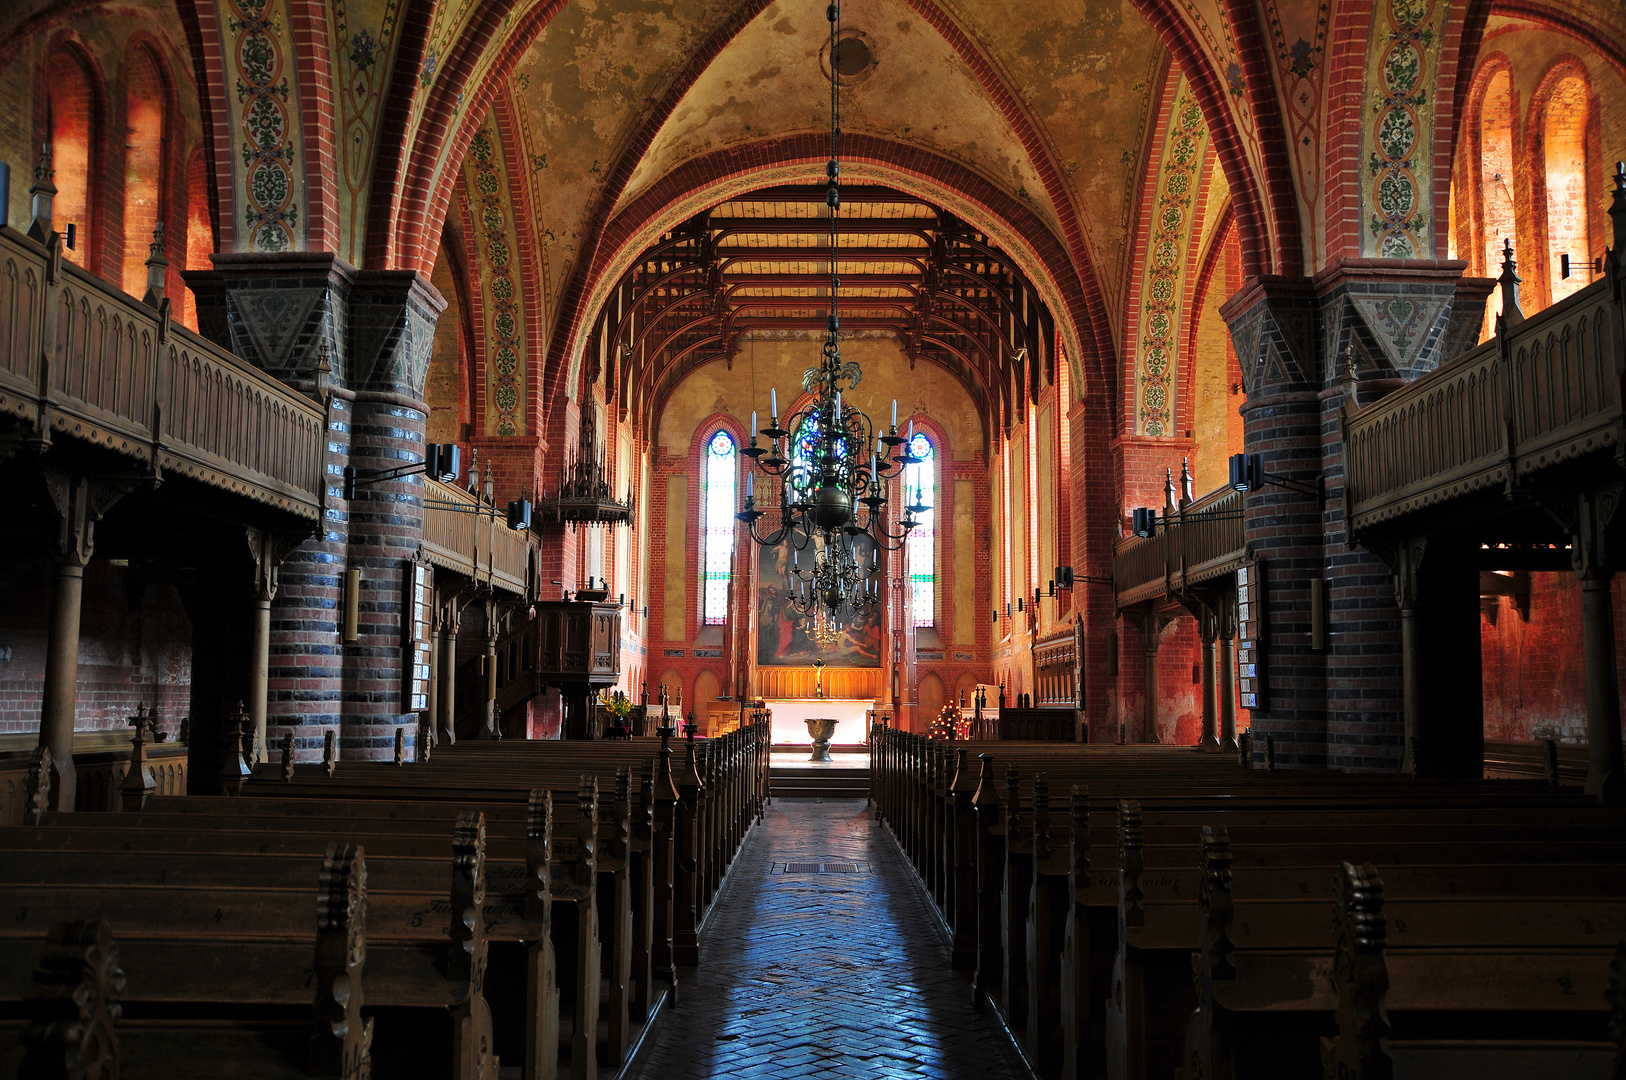 St. Marien-Kirche 2, Plau am See, Mecklenburg-Vorpommern